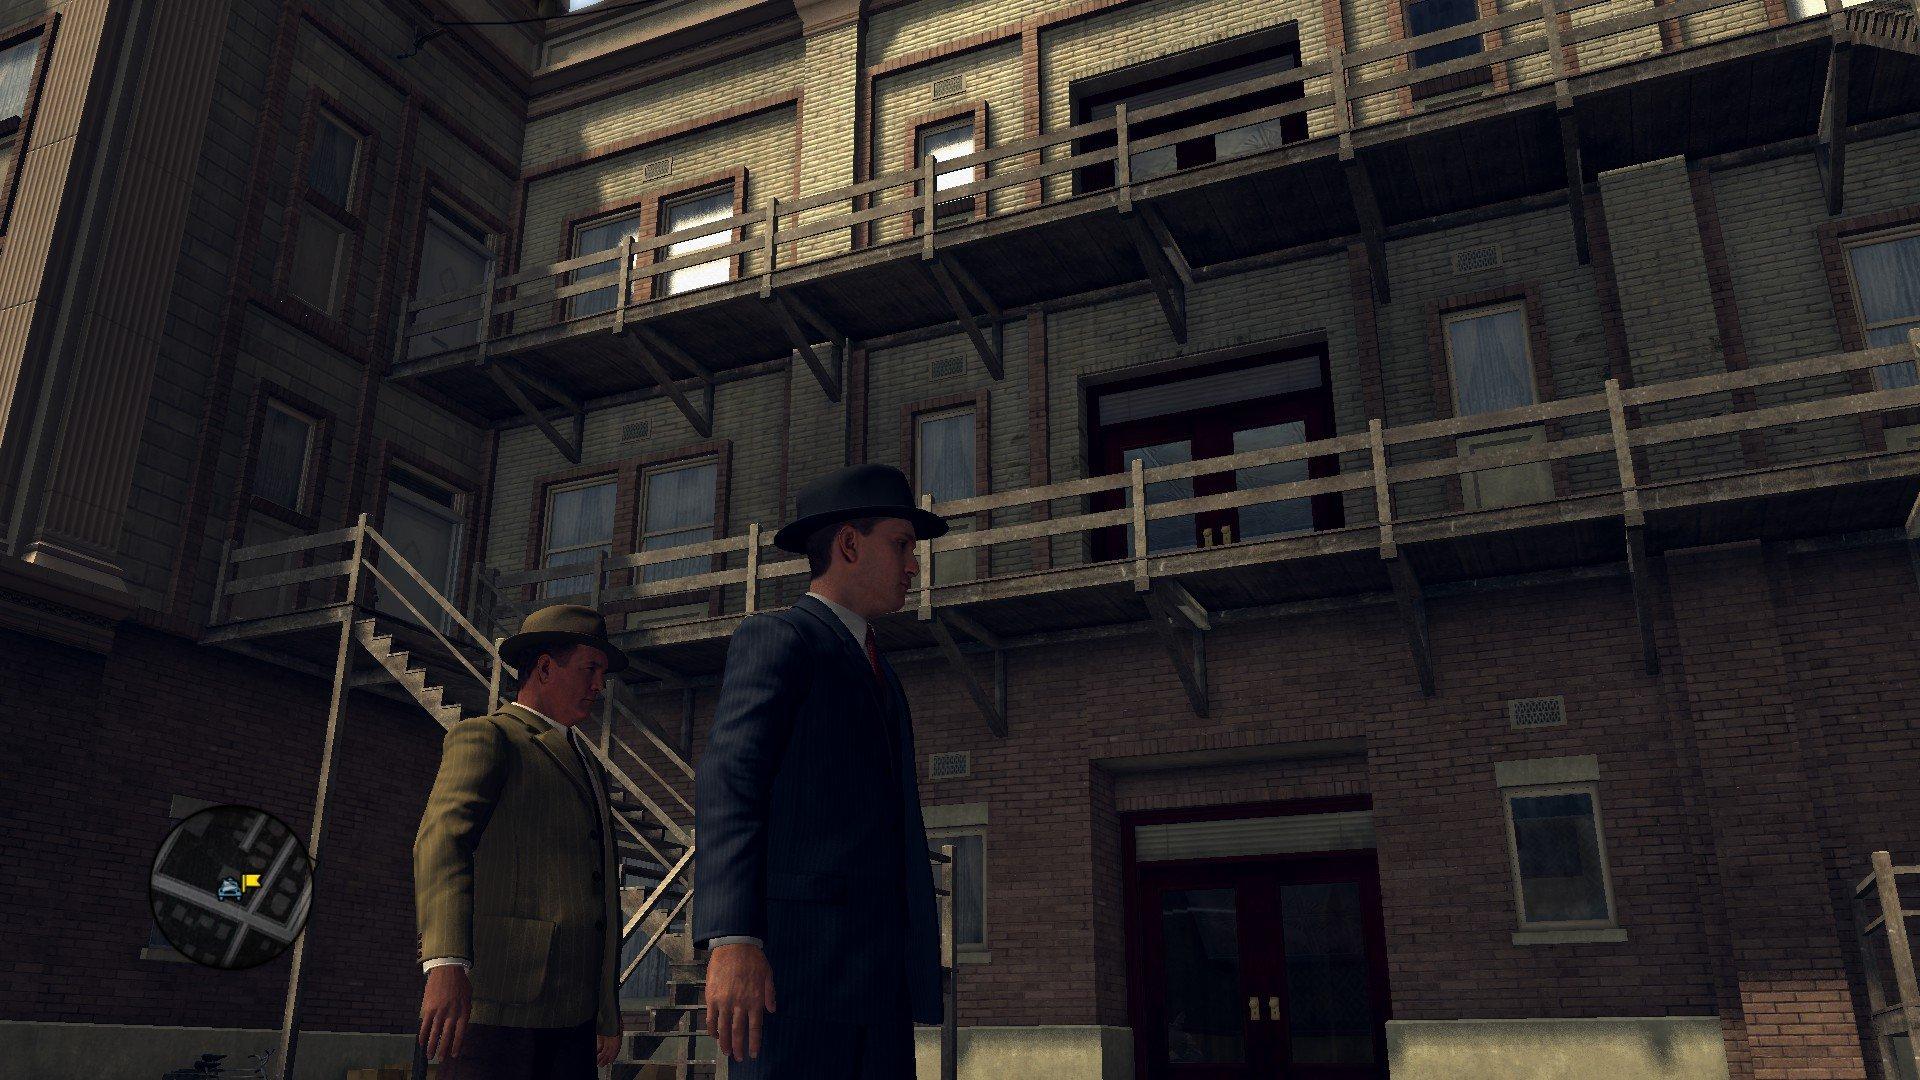 Пост-прохождение L.A. Noire Часть 10 +КОНКУРС ^_^ - Изображение 53